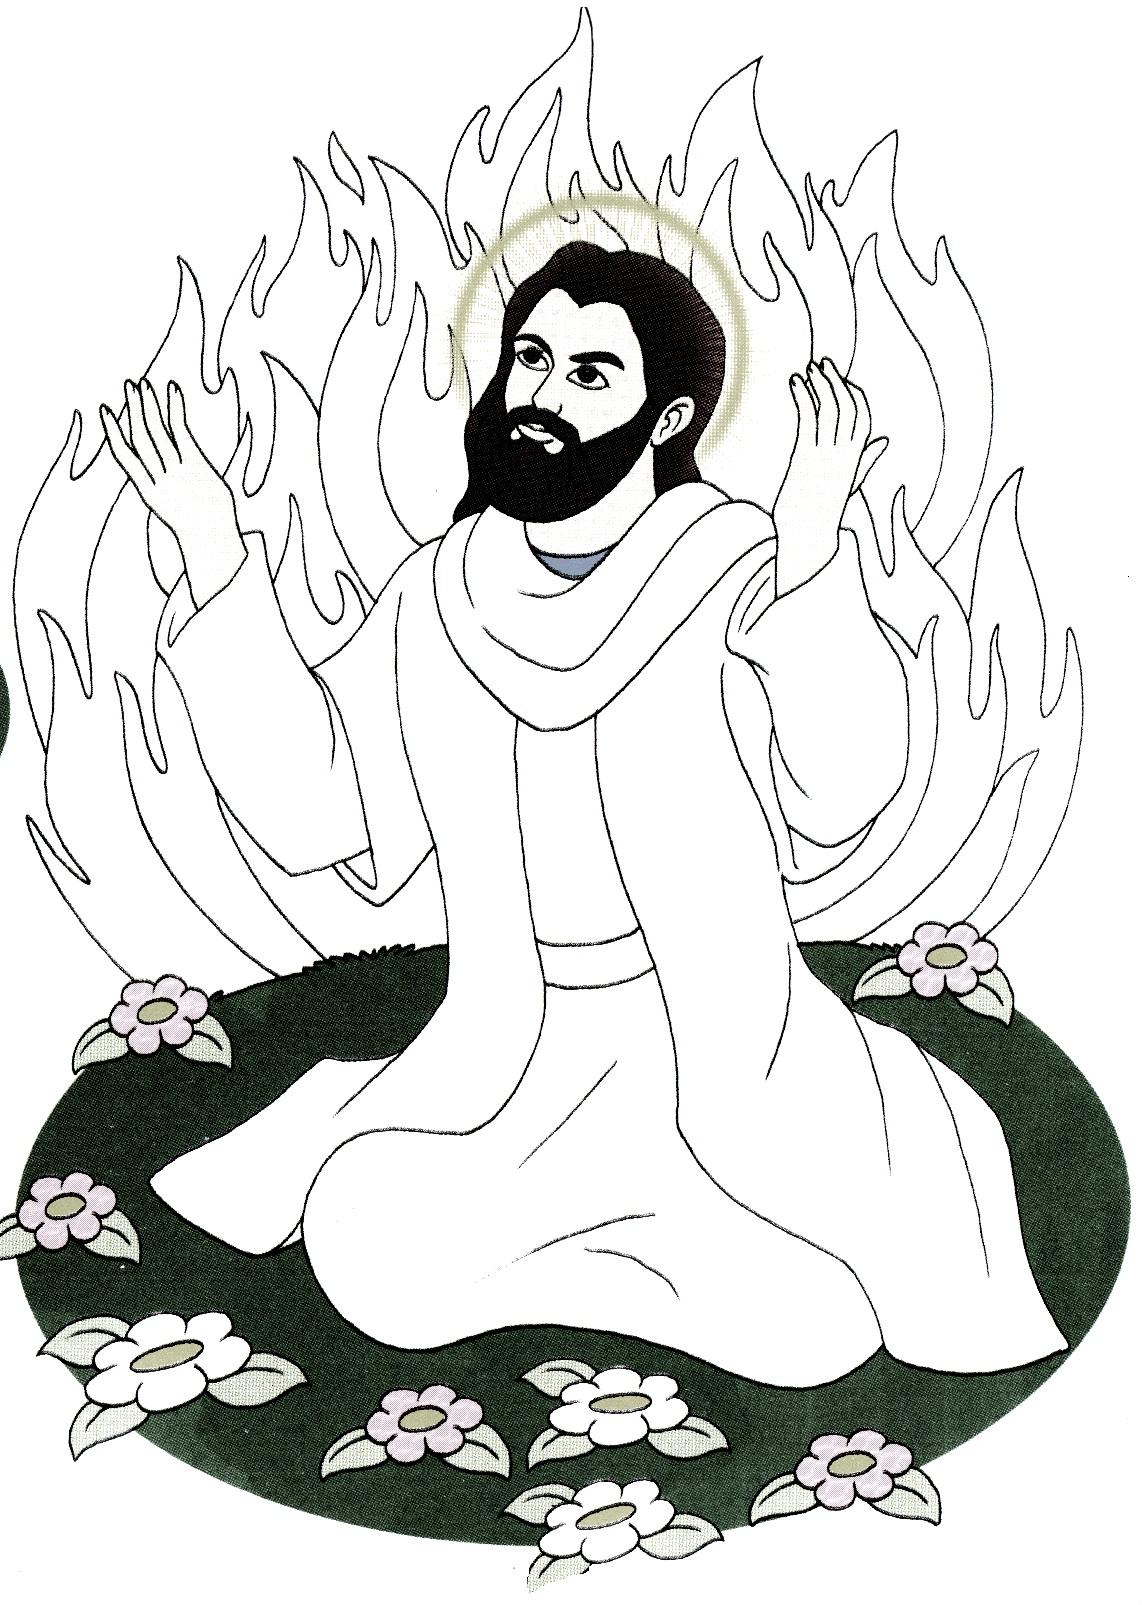 داستان حضرت ابراهیم برای نقاشی